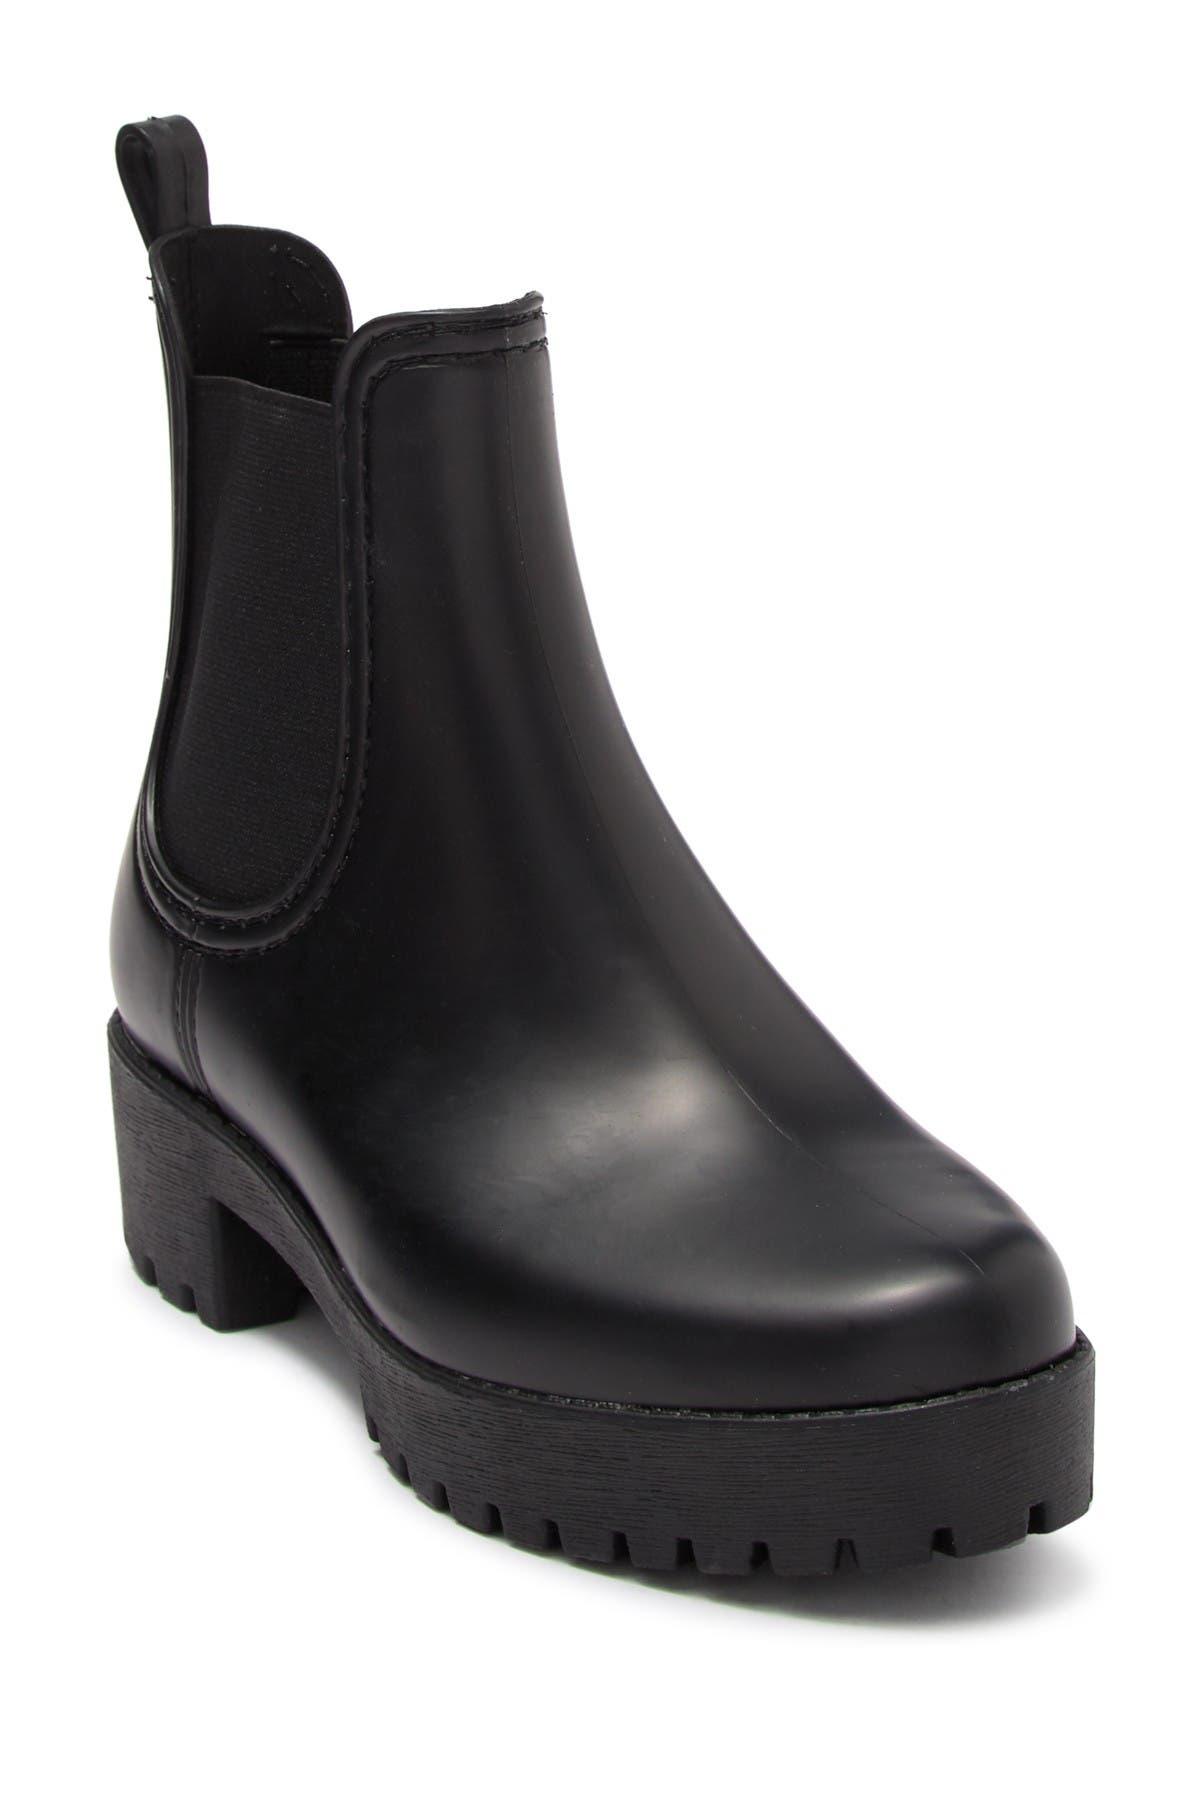 Steve Madden | Phoebe Chelsea Rain Boot